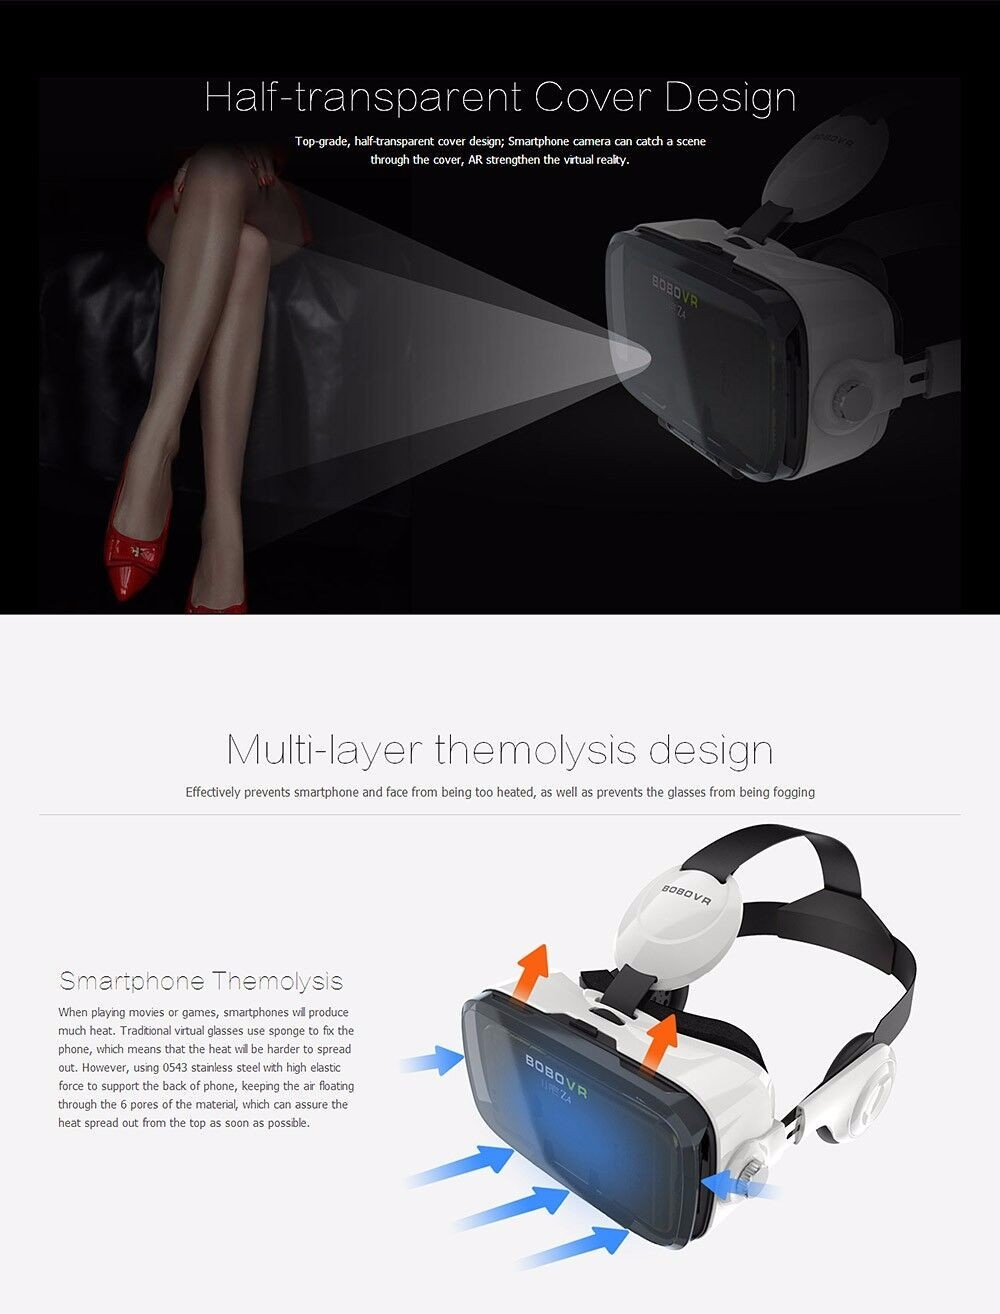 ถูก เดิมแว่นตาเสมือนจริงFOV120ชุดหูฟัง3D VR Glasseหัวหน้าเมาแว่นตาG Oogleกระดาษแข็งหมวกกันน็อคVRBOX +ระยะไกล+ OTG